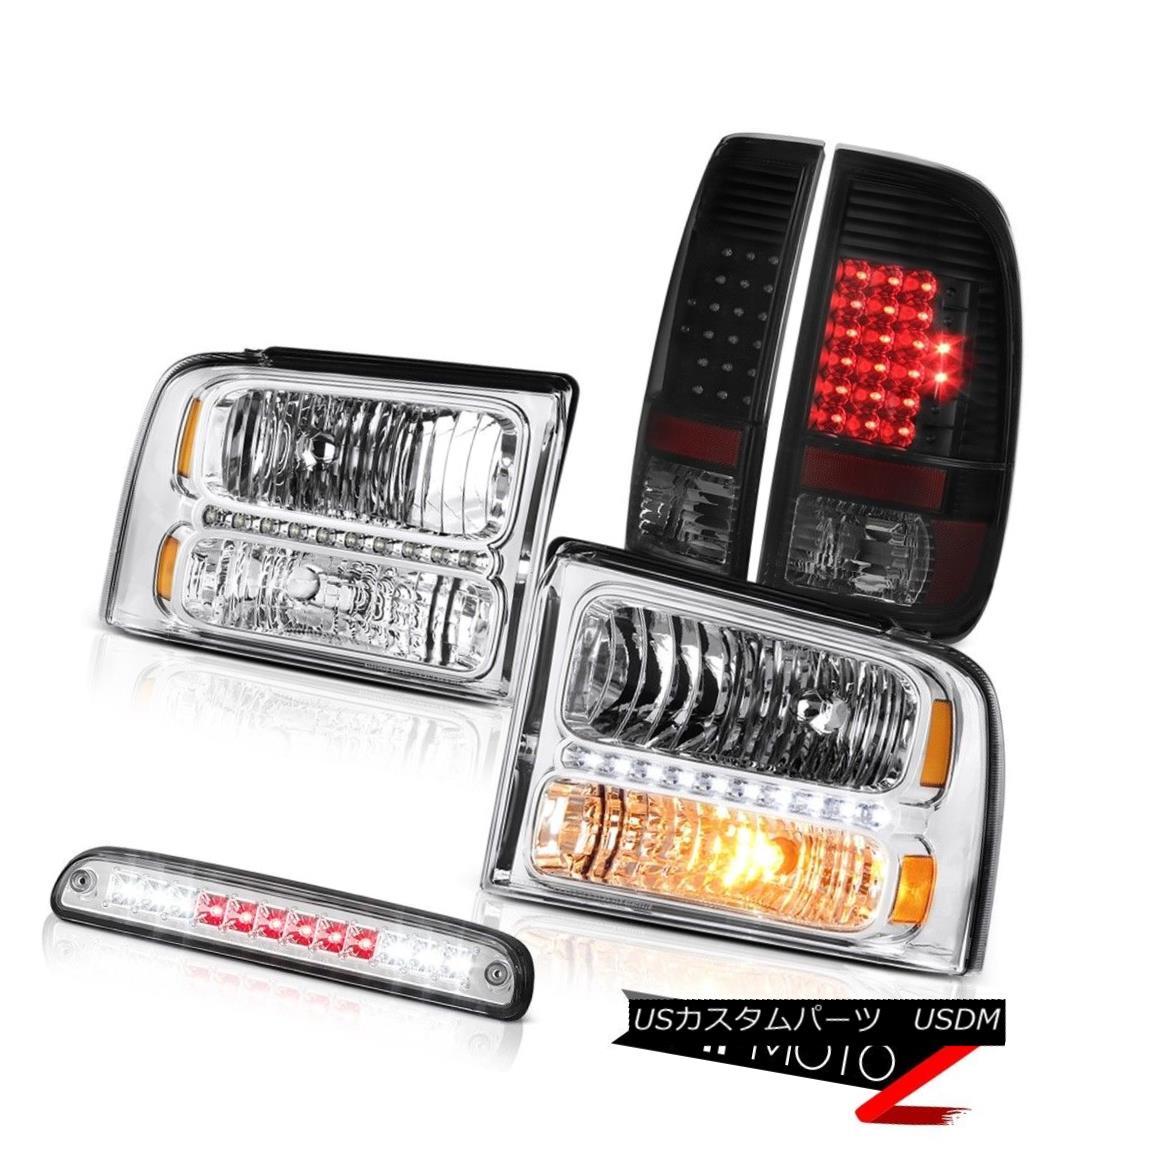 ヘッドライト 05 06 07 F350 Front Headlights Rear Brake Lamp Tail Light Third Cargo Chrome LED 05 06 07 F350フロントヘッドライトリアブレーキランプテールライト第3カーゴクロームLED